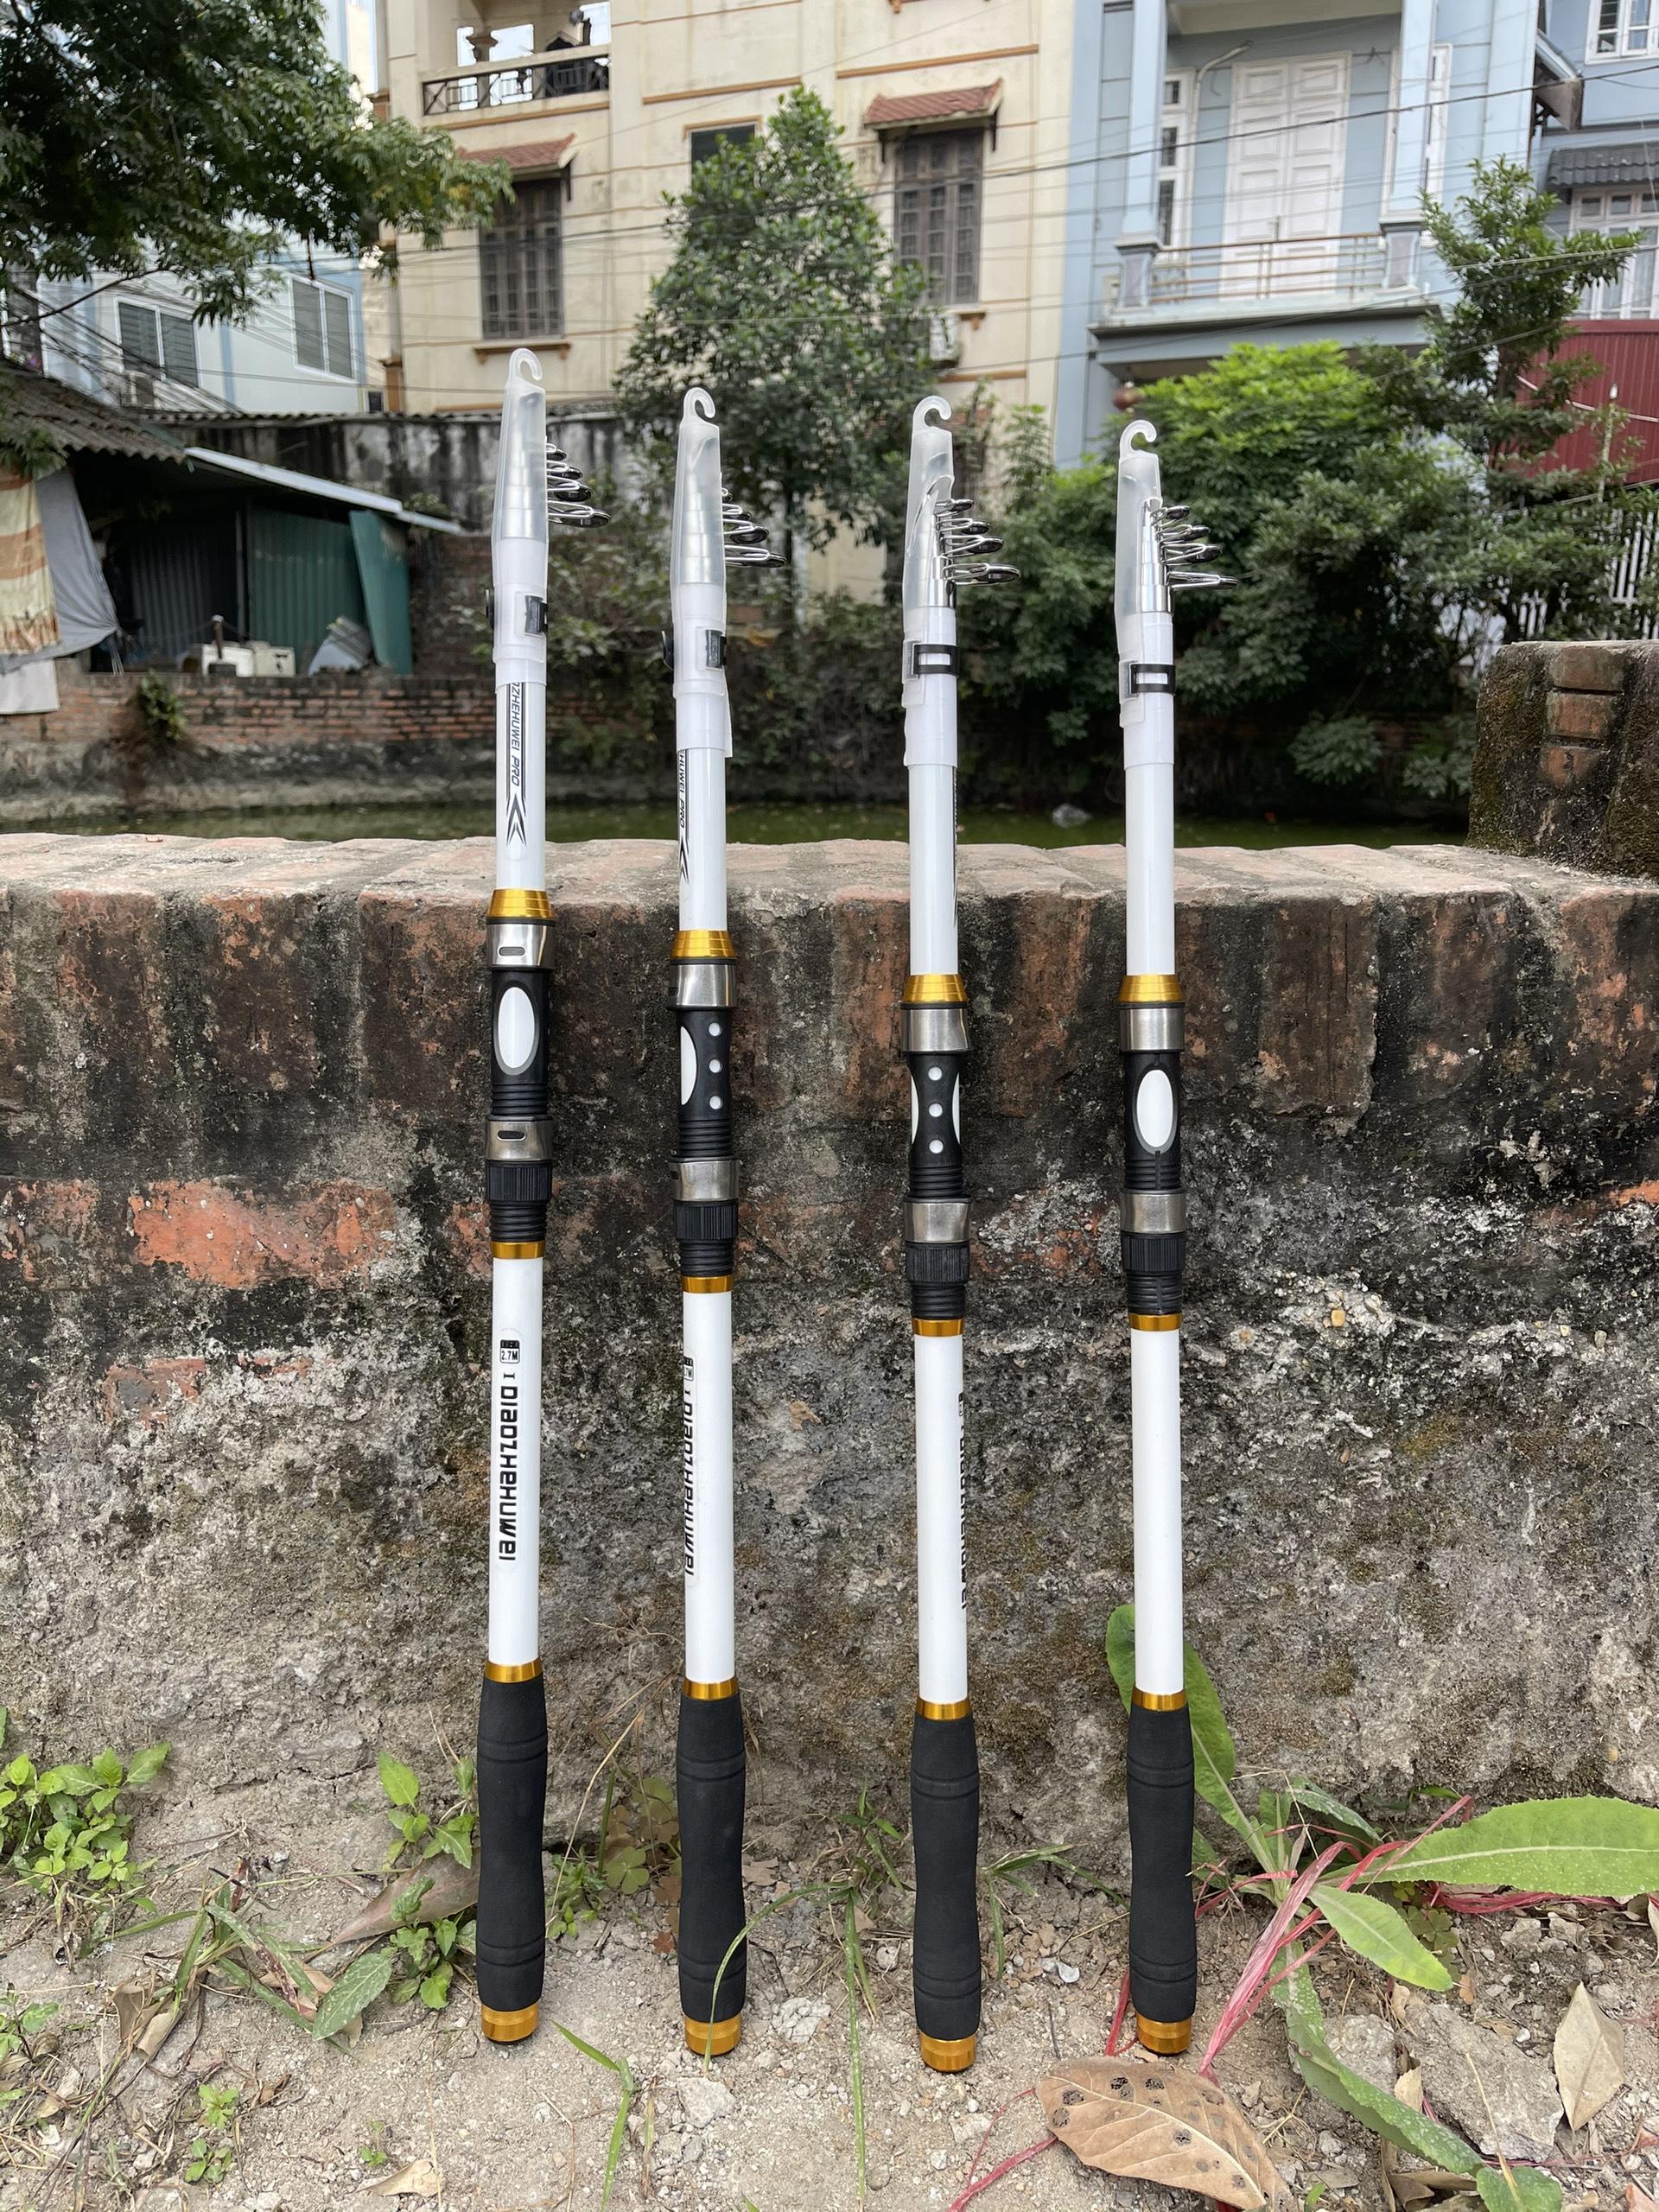 Bộ cần câu cá - Cần carbon cao cấp - Kèm máy Kim loại HE Chính hãng - Tặng kèm nhiều phụ kiện